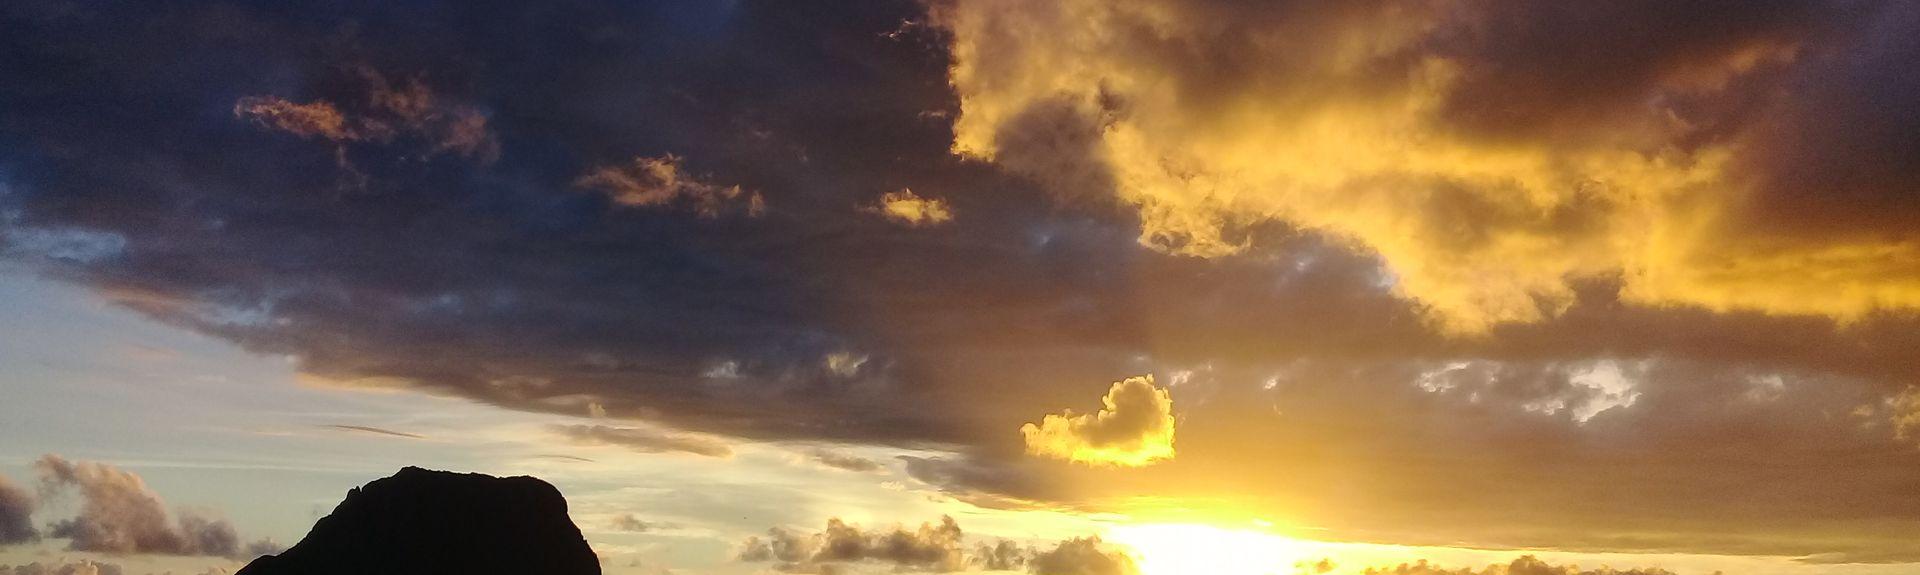 Gris Gris Beach, Souillac, Savanne, Mauritius